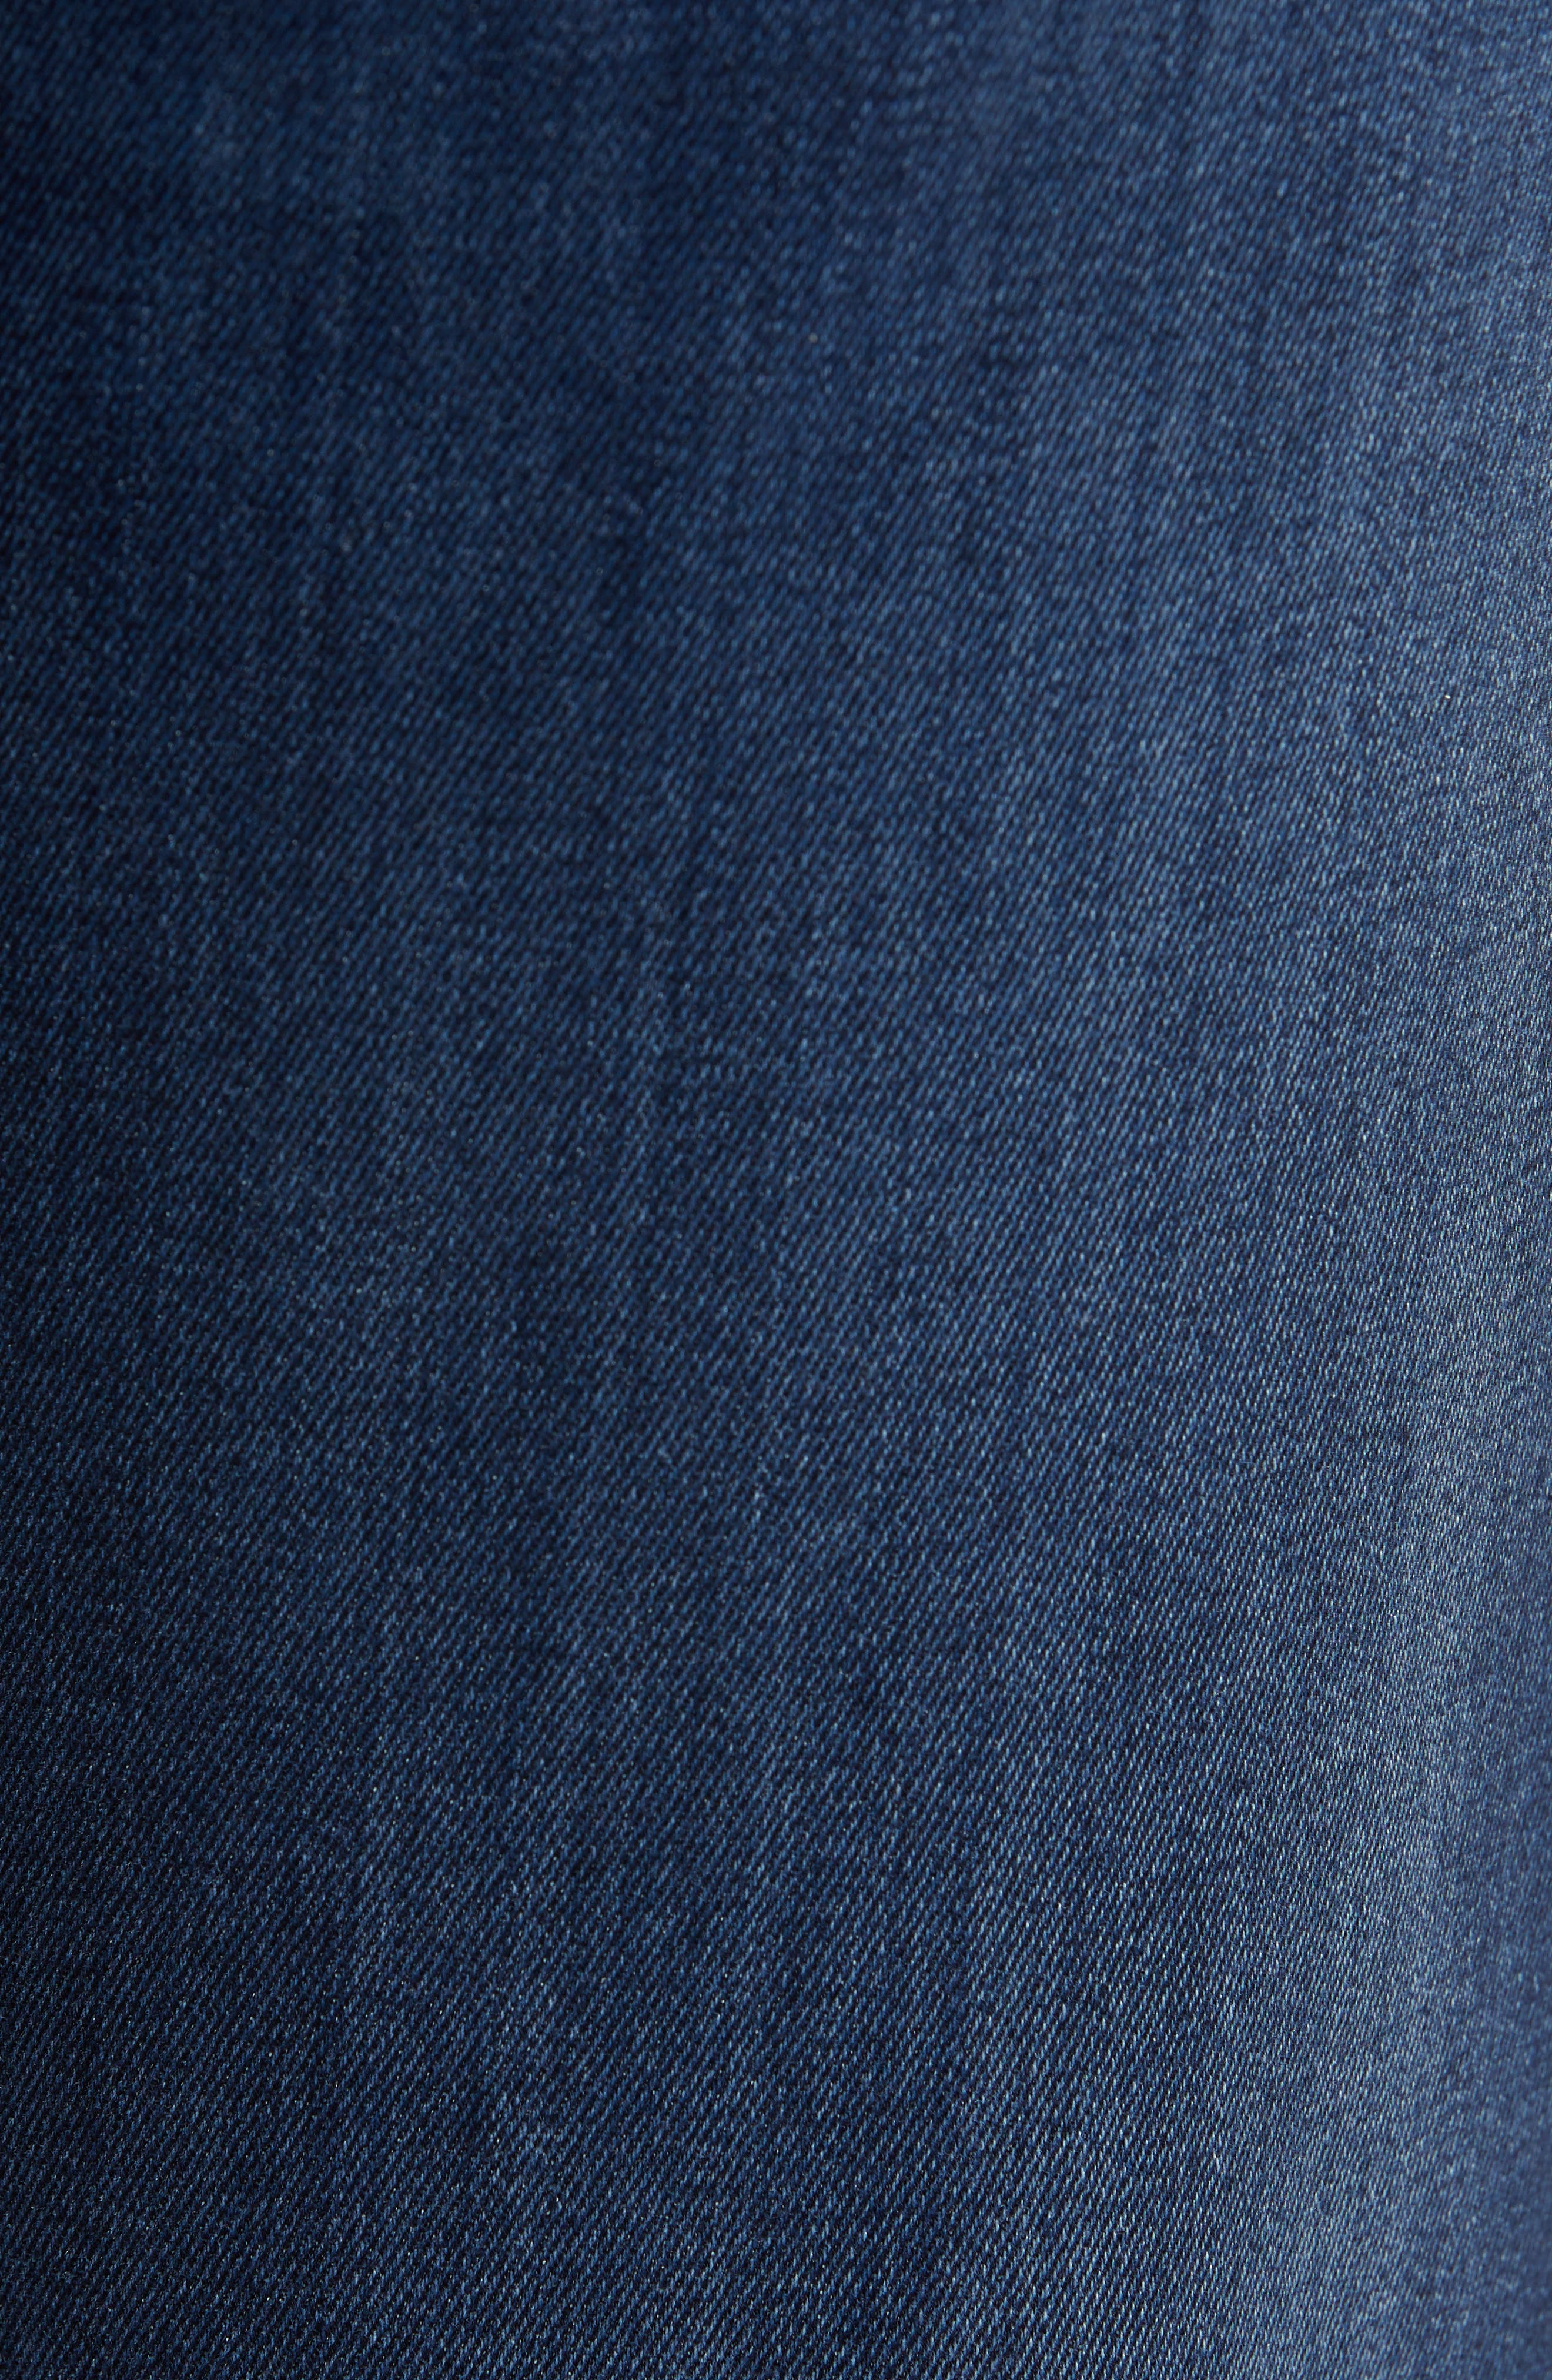 Jimmy Slim Straight Leg Jeans,                             Alternate thumbnail 5, color,                             STRIKER